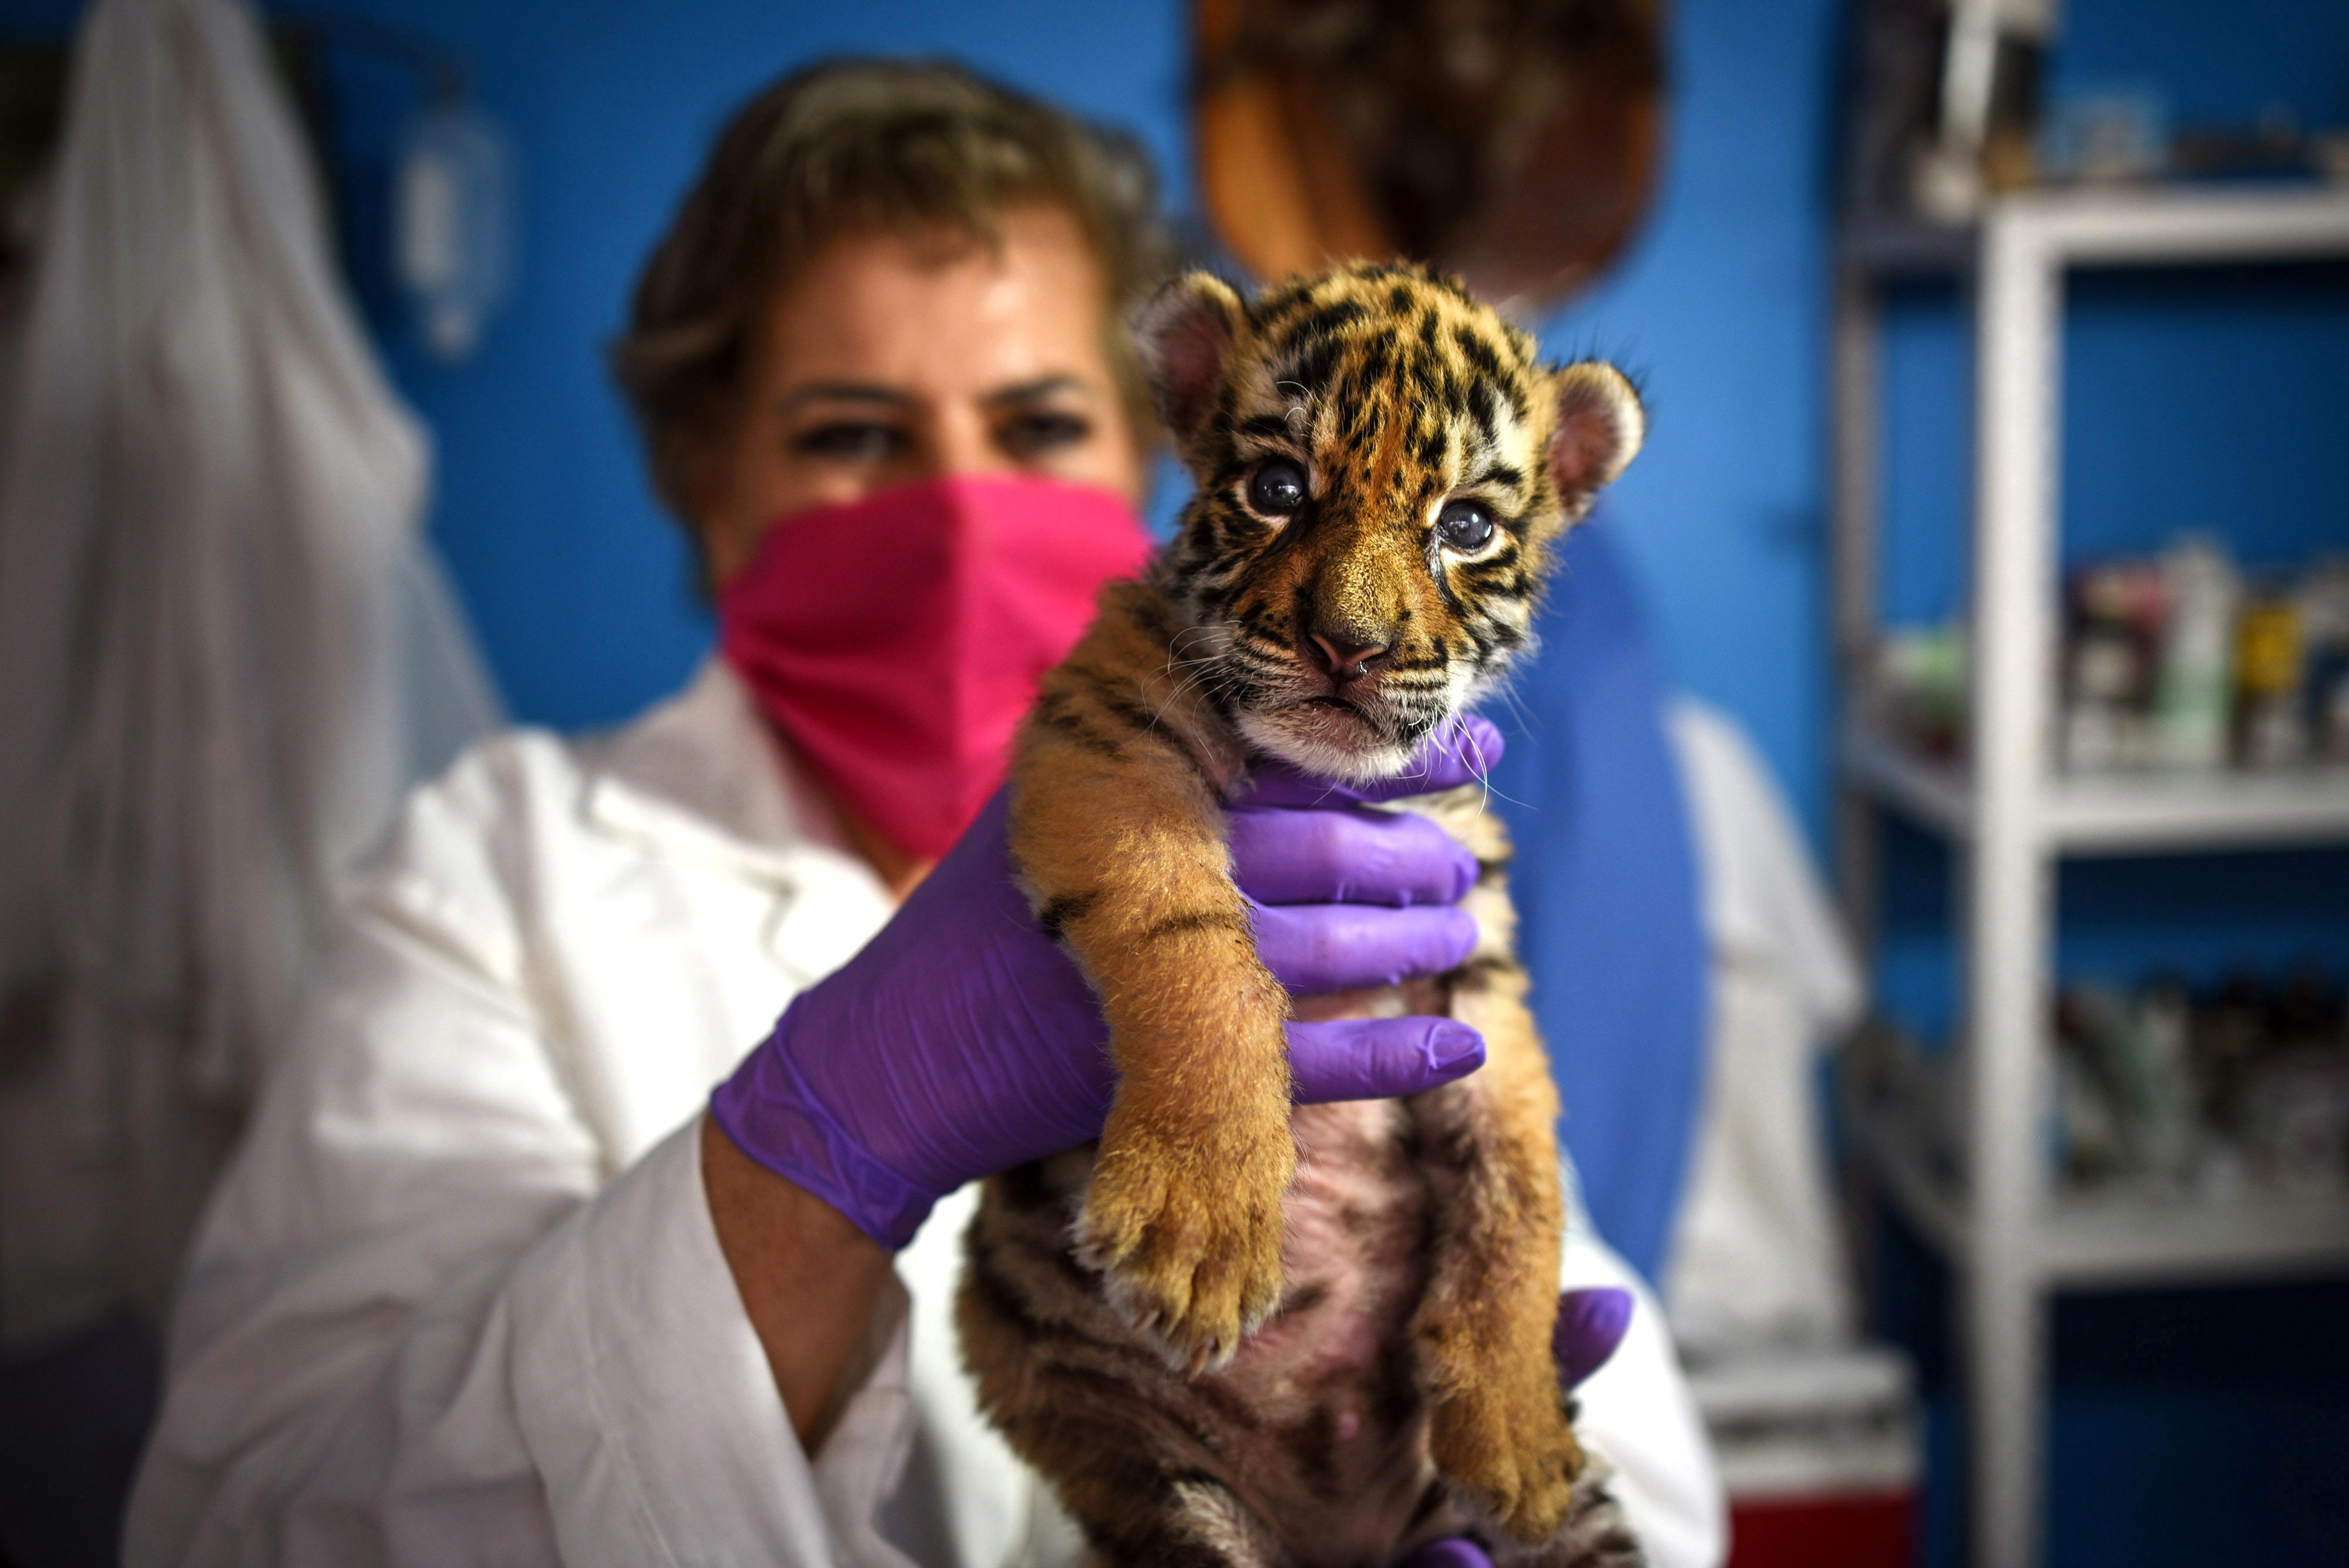 Un veterinario sostiene un cachorro de tigre de Bengala recién nacido llamado